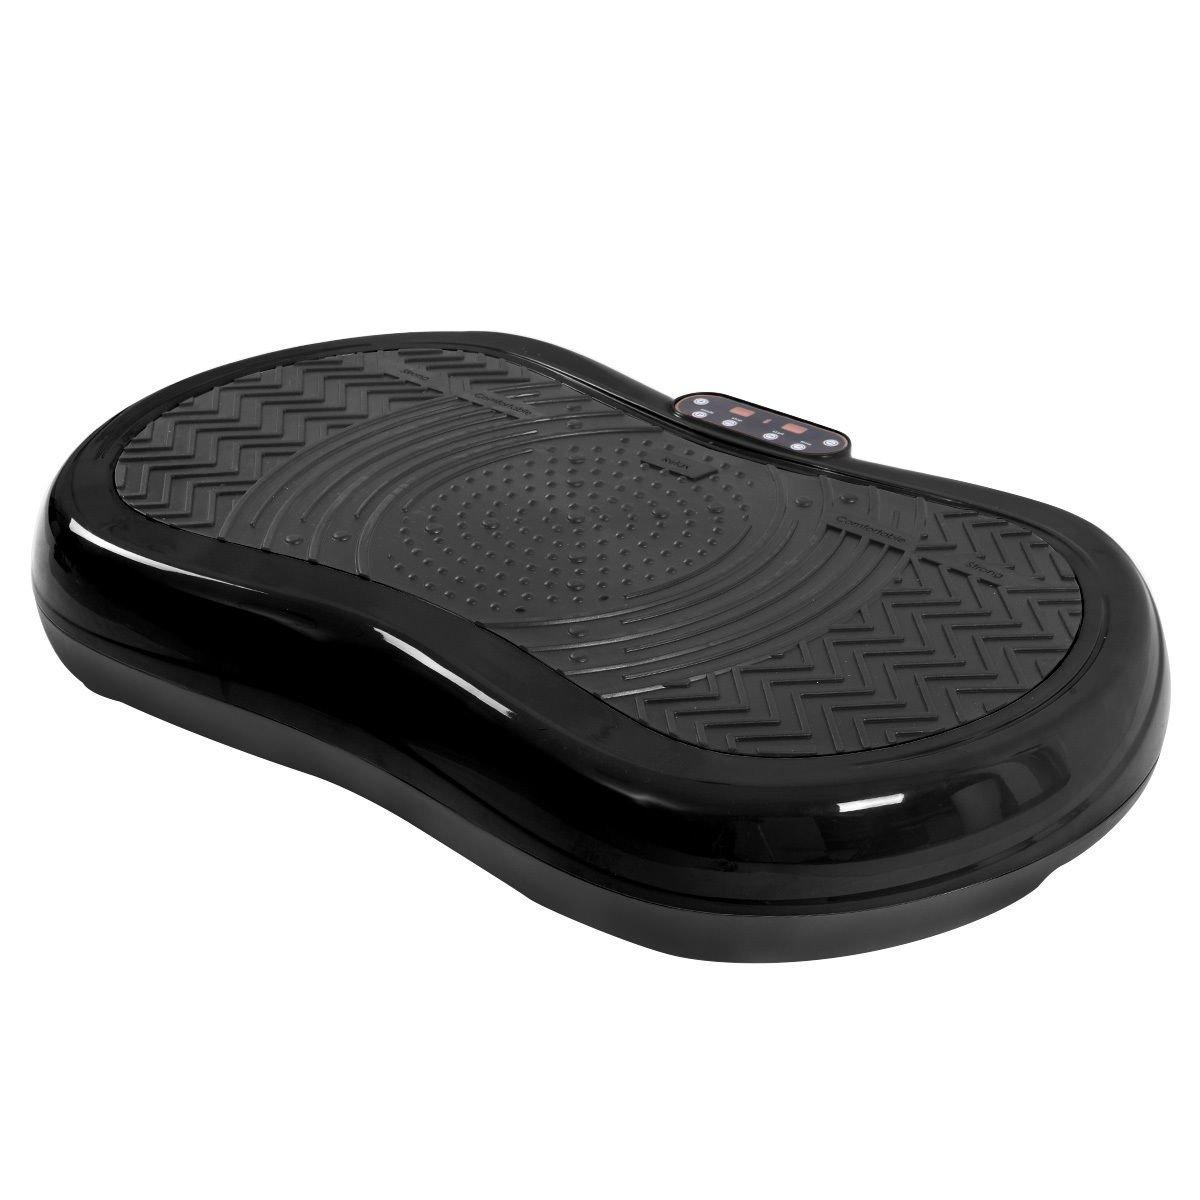 Tangkula Ultrathin Mini Crazy Fit Vibration Platform Massage Machine Fitness Gym (Black) by Tangkula (Image #4)